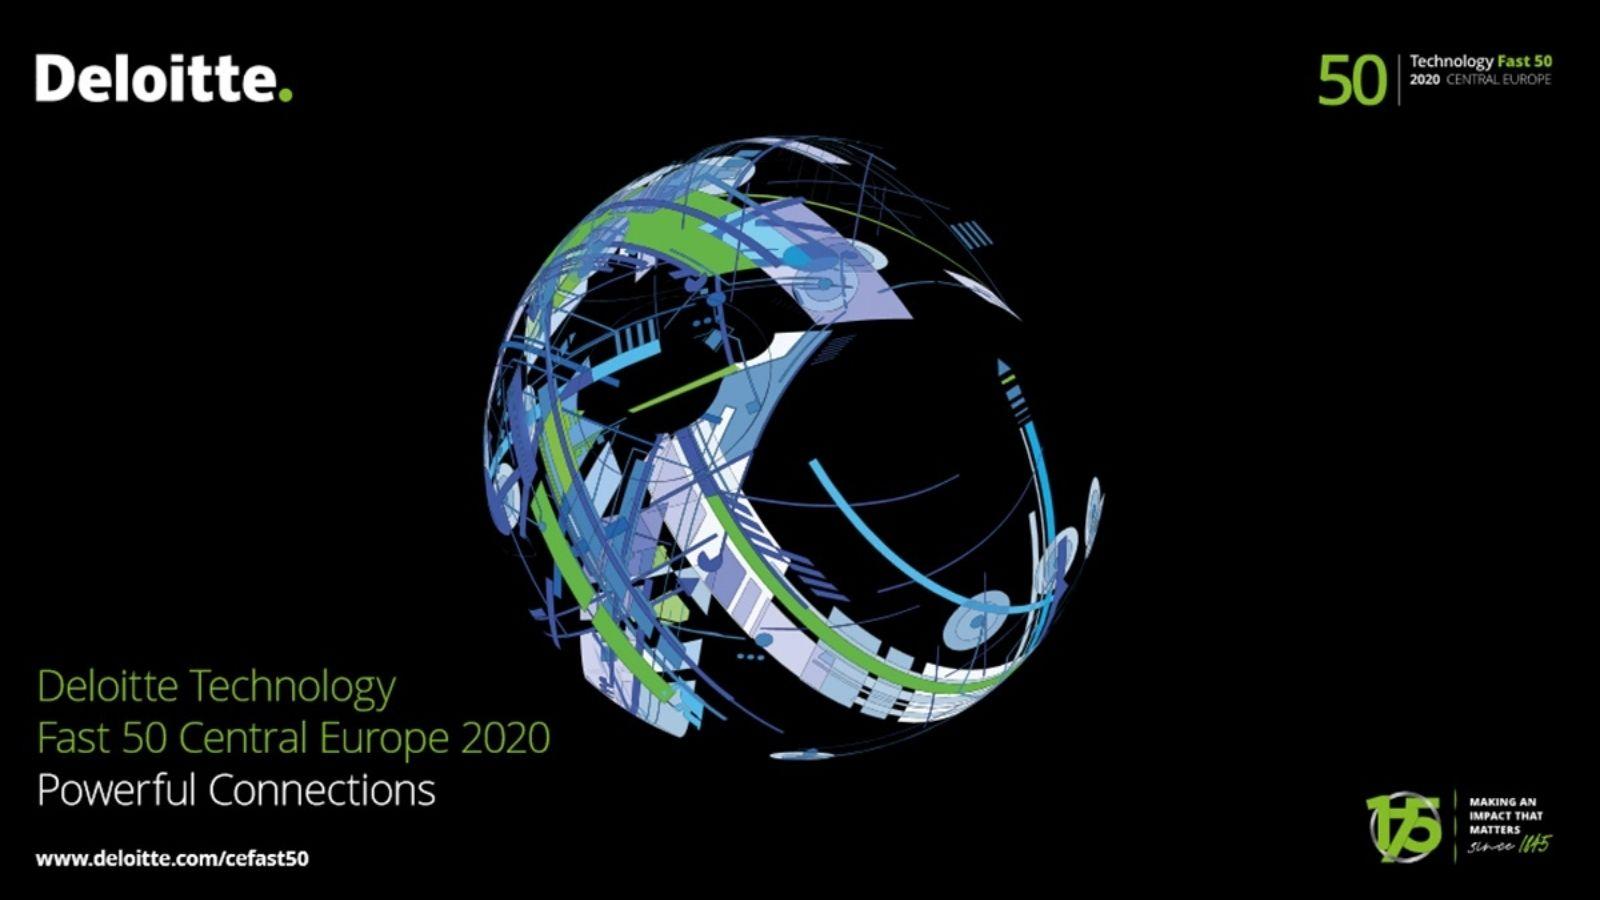 """Polska firma zwycięzcą rankingu """"Deloitte Technology Fast 50 Central Europe 2020"""" Deloitte mediarun deloitte"""